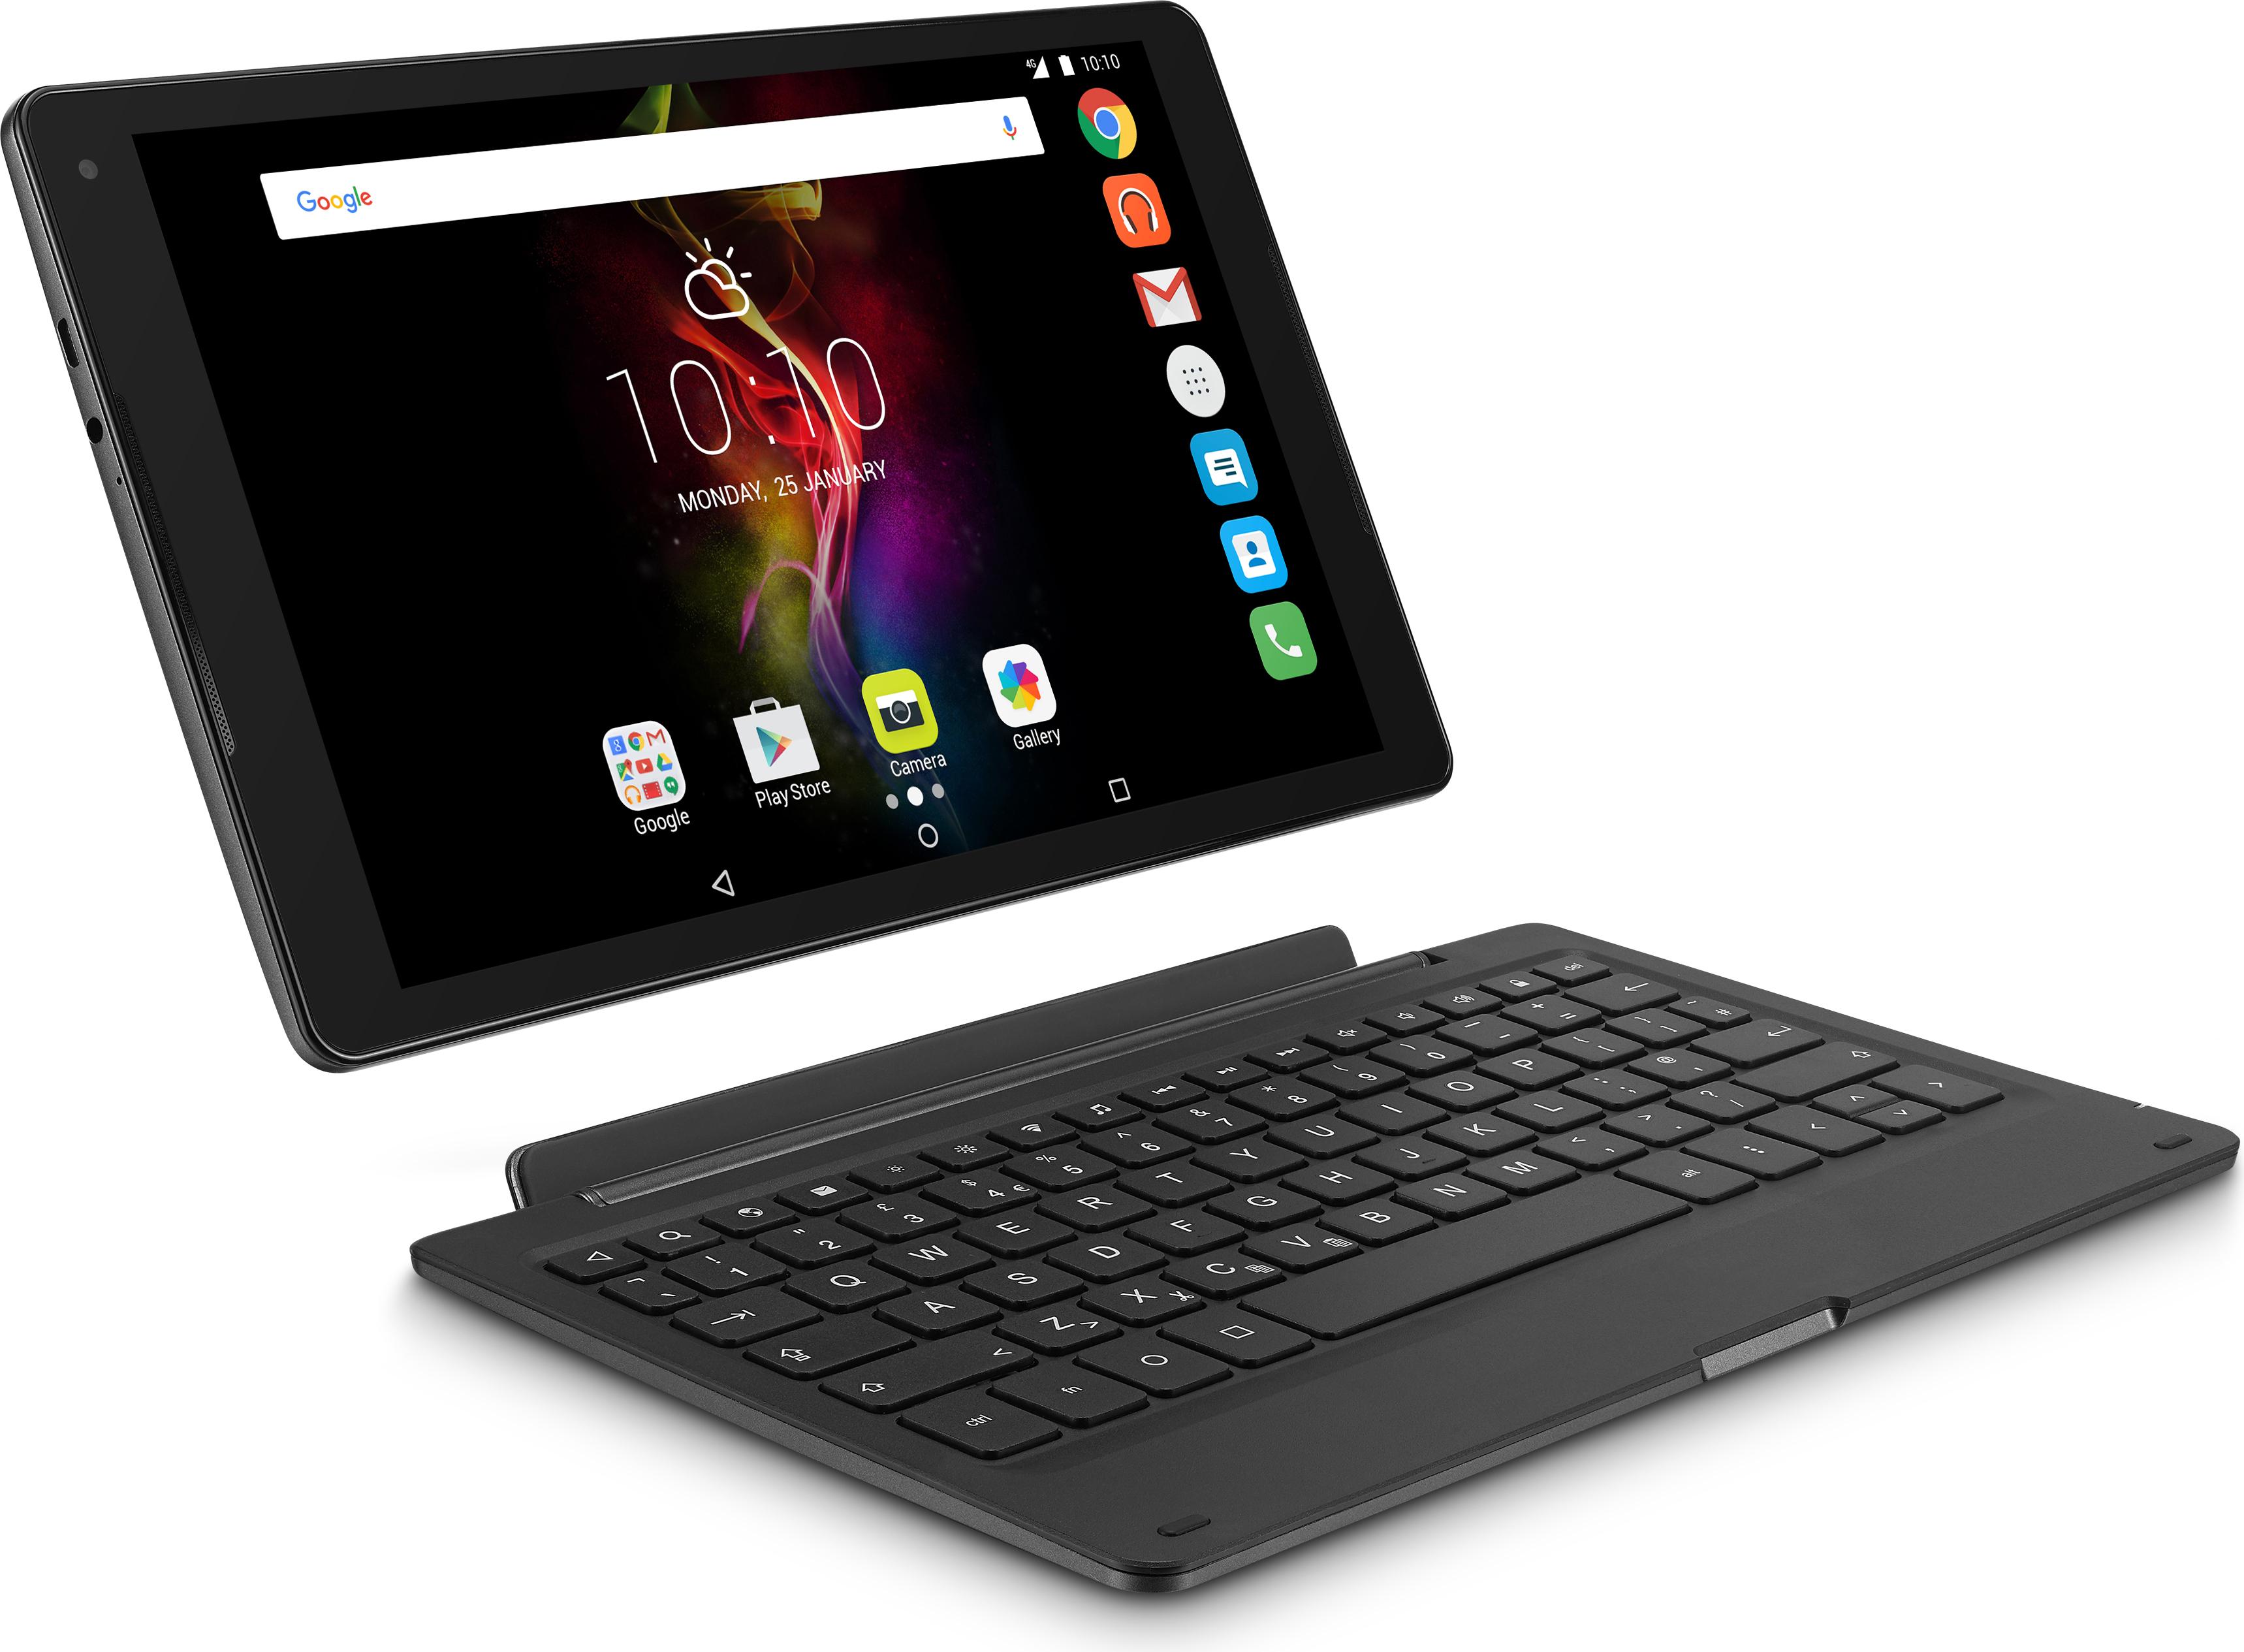 alcatel pop 4 une tablette 4g lte accompagn e d 39 un clavier pour plus de productivit fiche. Black Bedroom Furniture Sets. Home Design Ideas